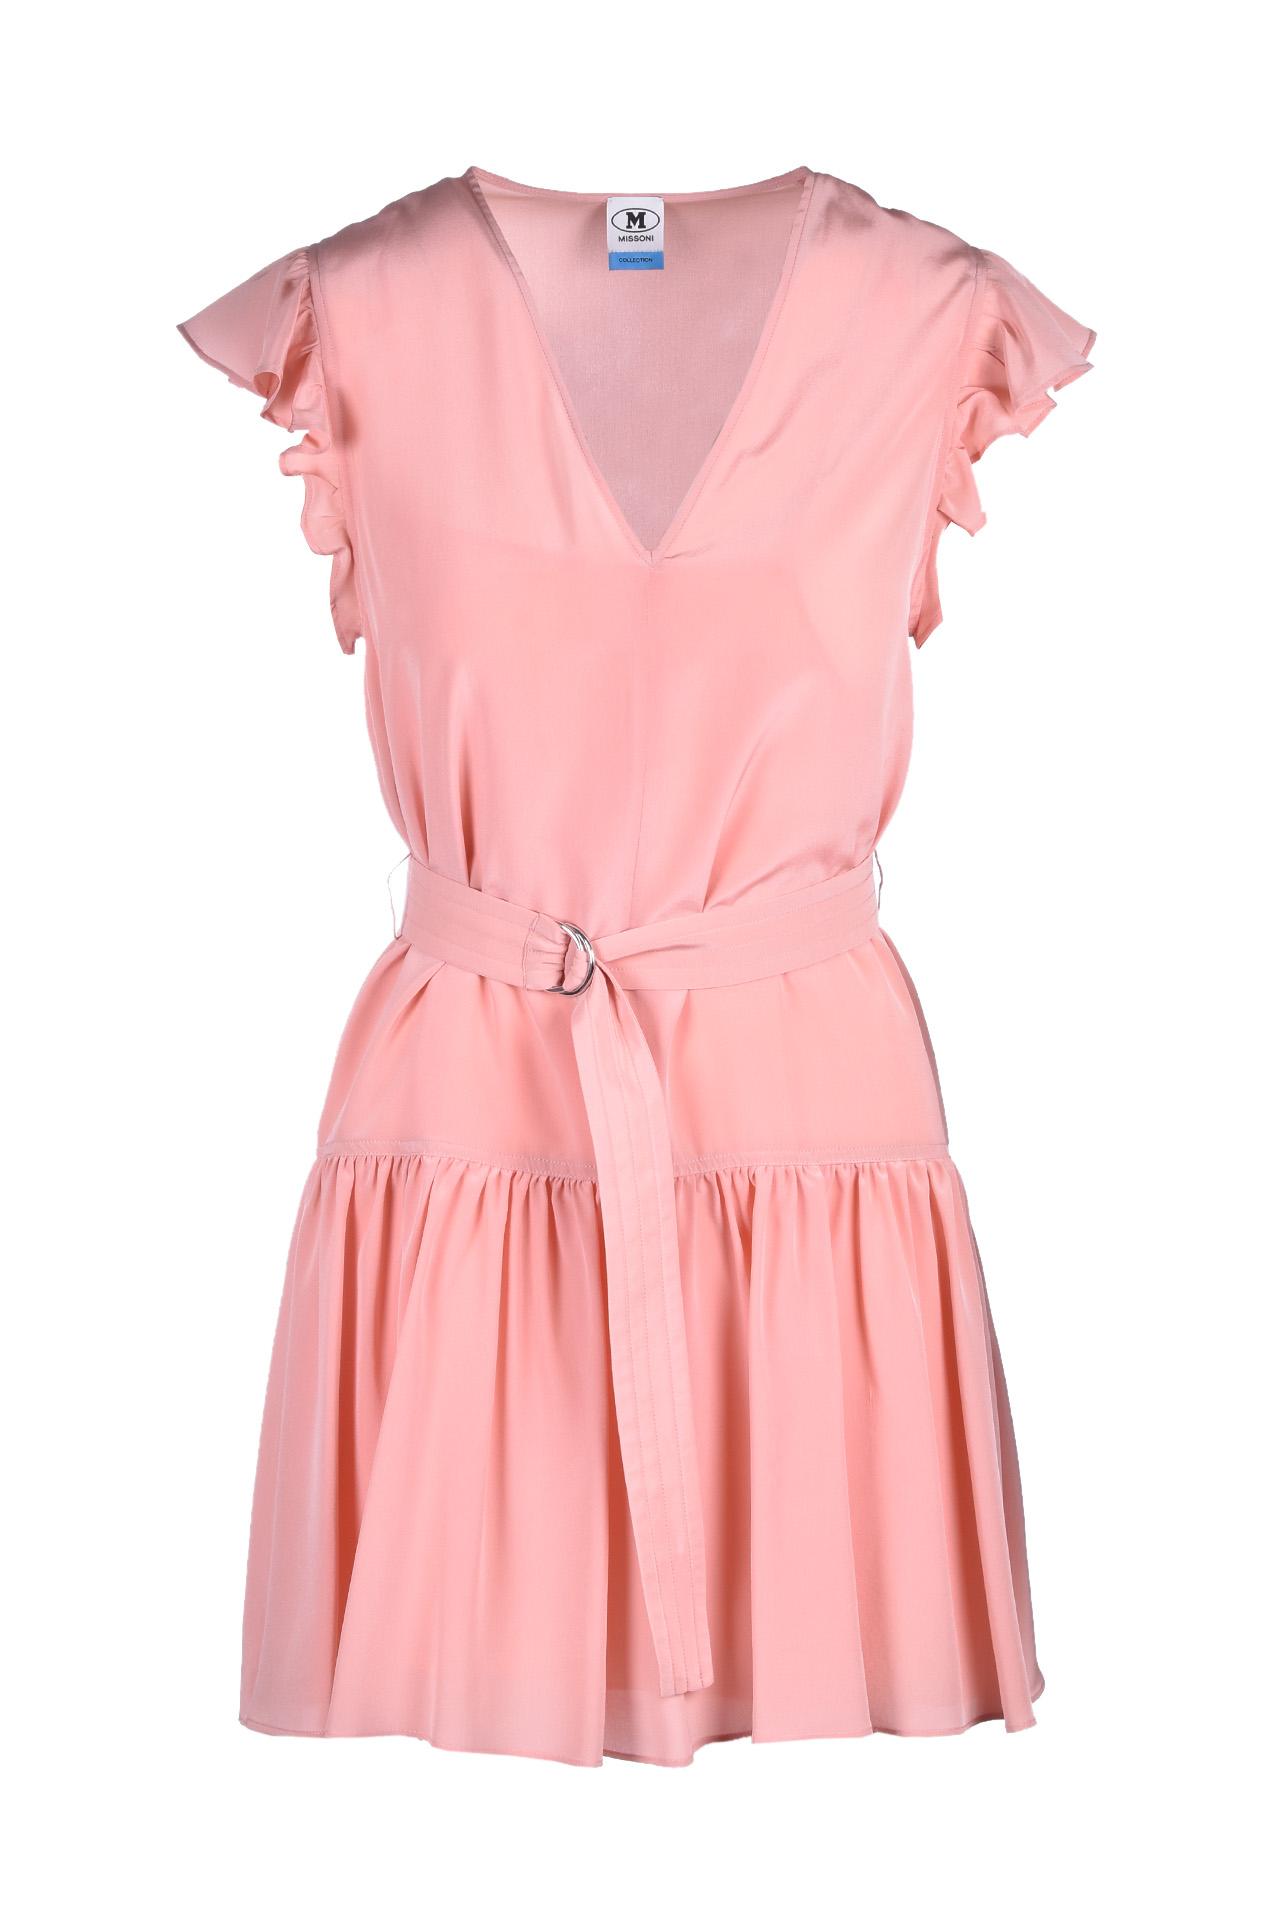 Mini abito in seta - rosa M MISSONI | Abiti | 2DG00262/2W001061431